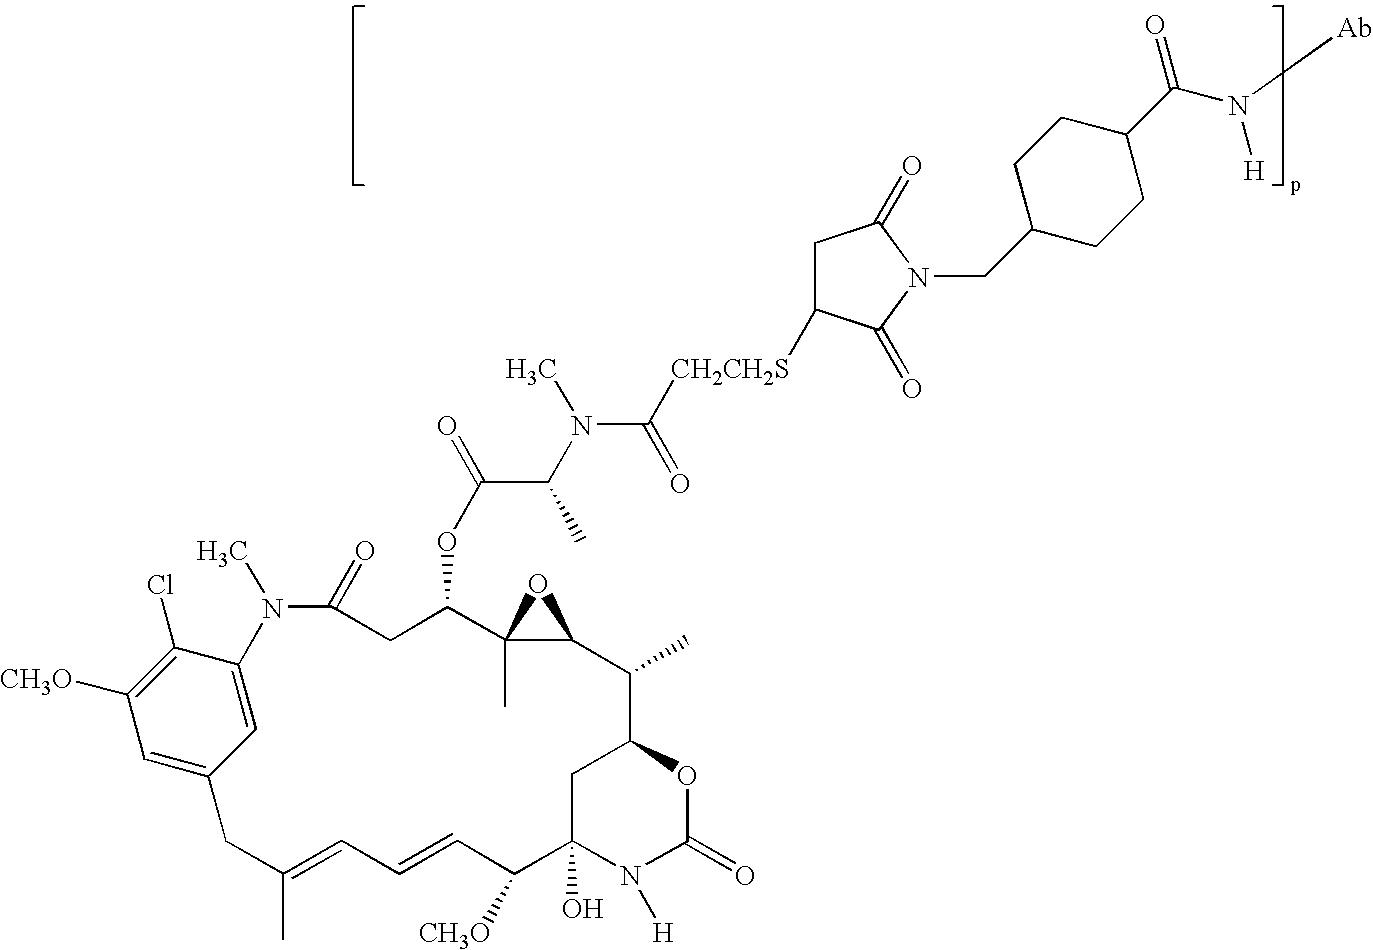 Figure US20050276812A1-20051215-C00021